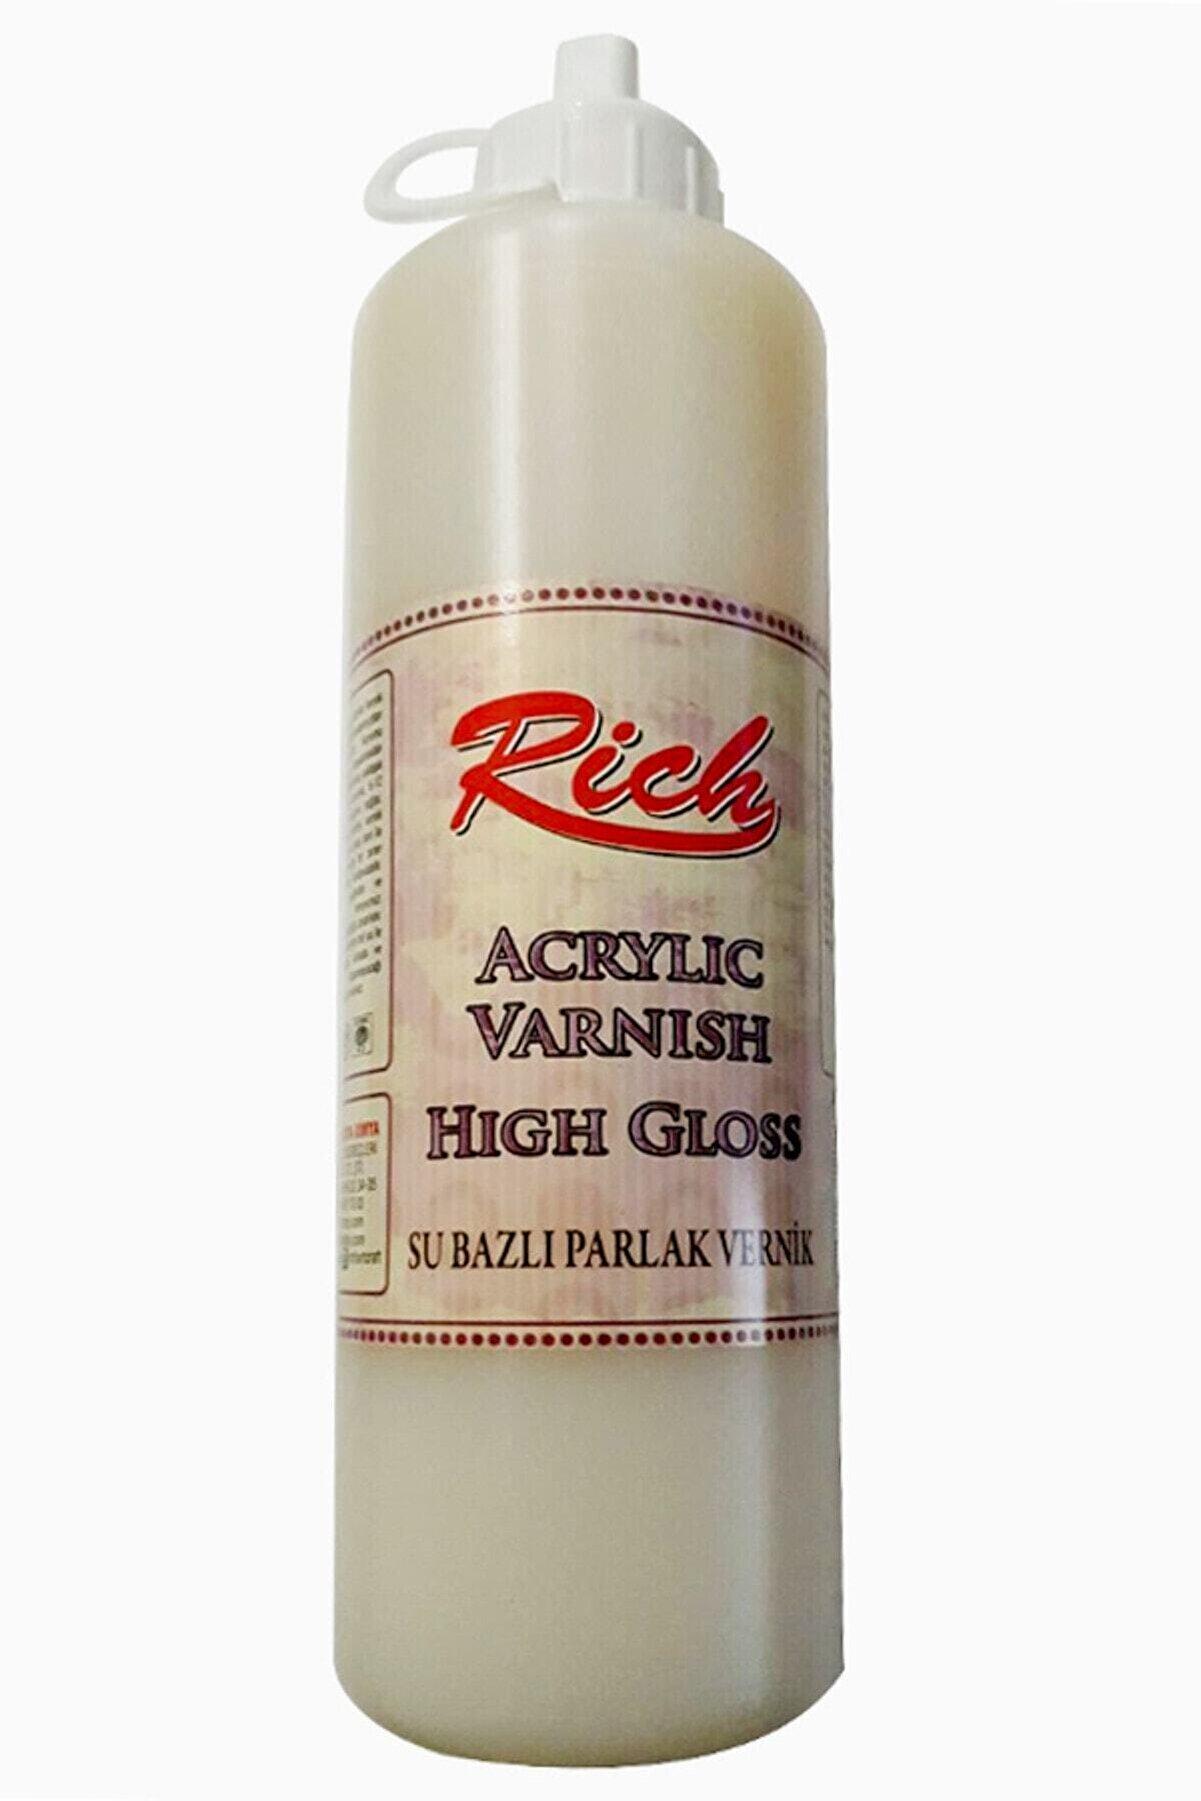 Rich Su Bazlı Vernik Parlak (high Gloss Acrylic Varnish) 500 Cc. Ekonomik Boy